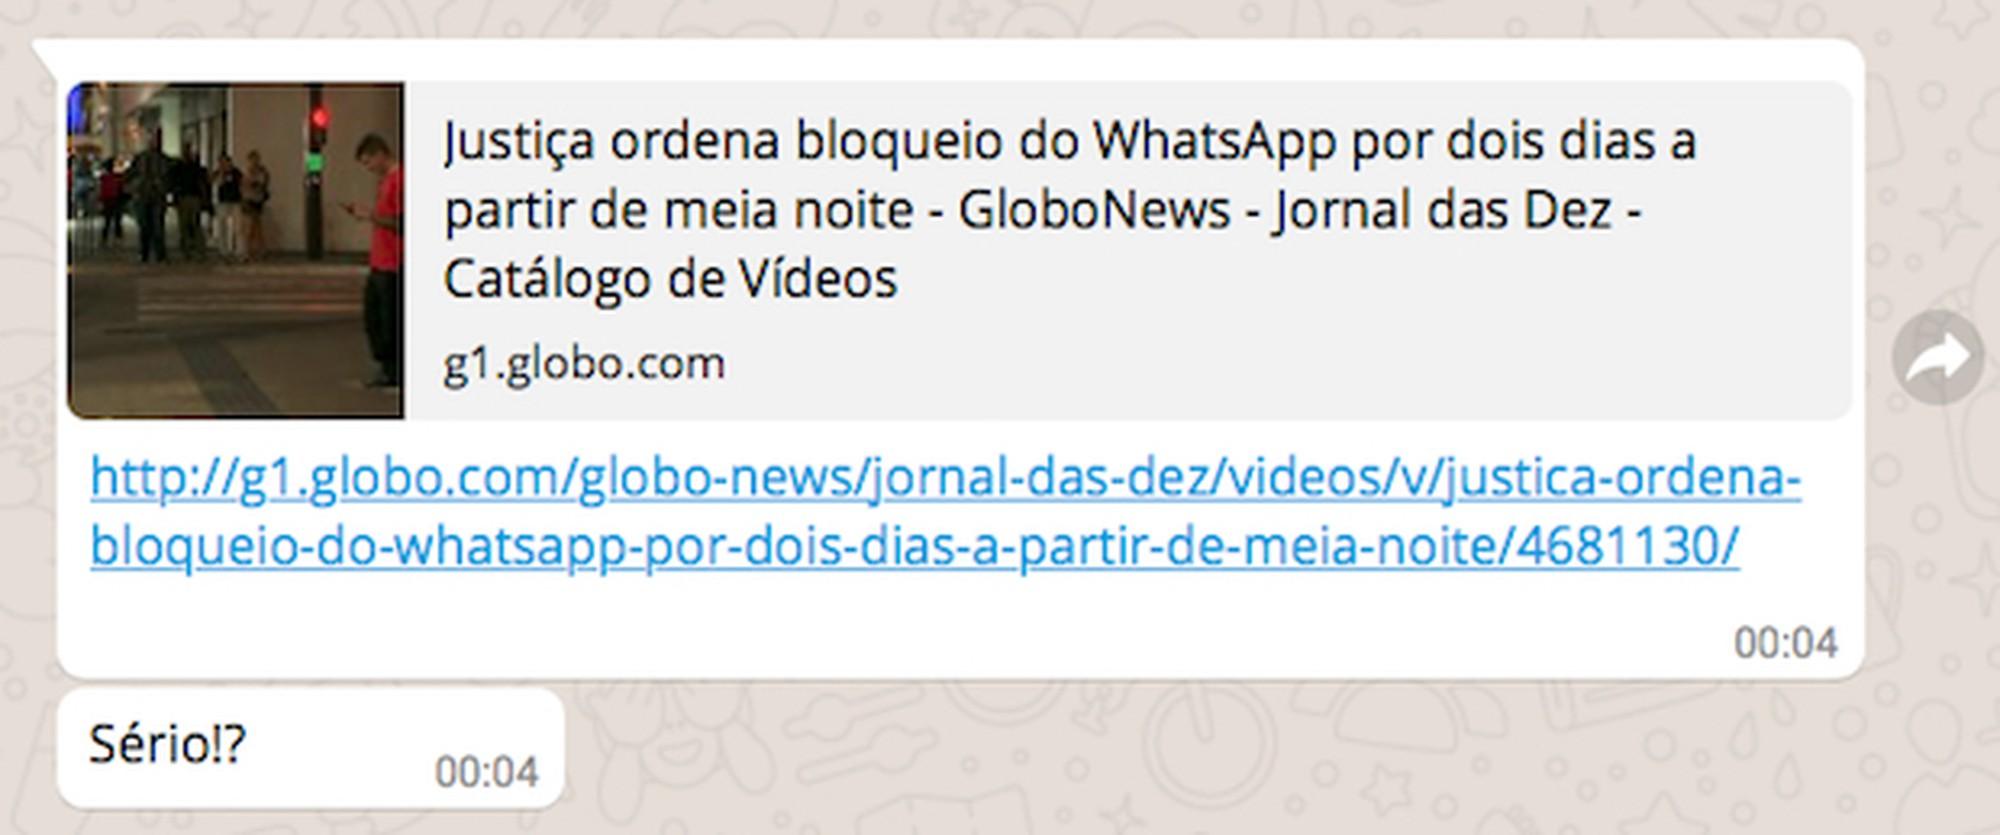 Whatsapp Bloqueado segunda 04/06 no brasil todo? Descubra aqui!